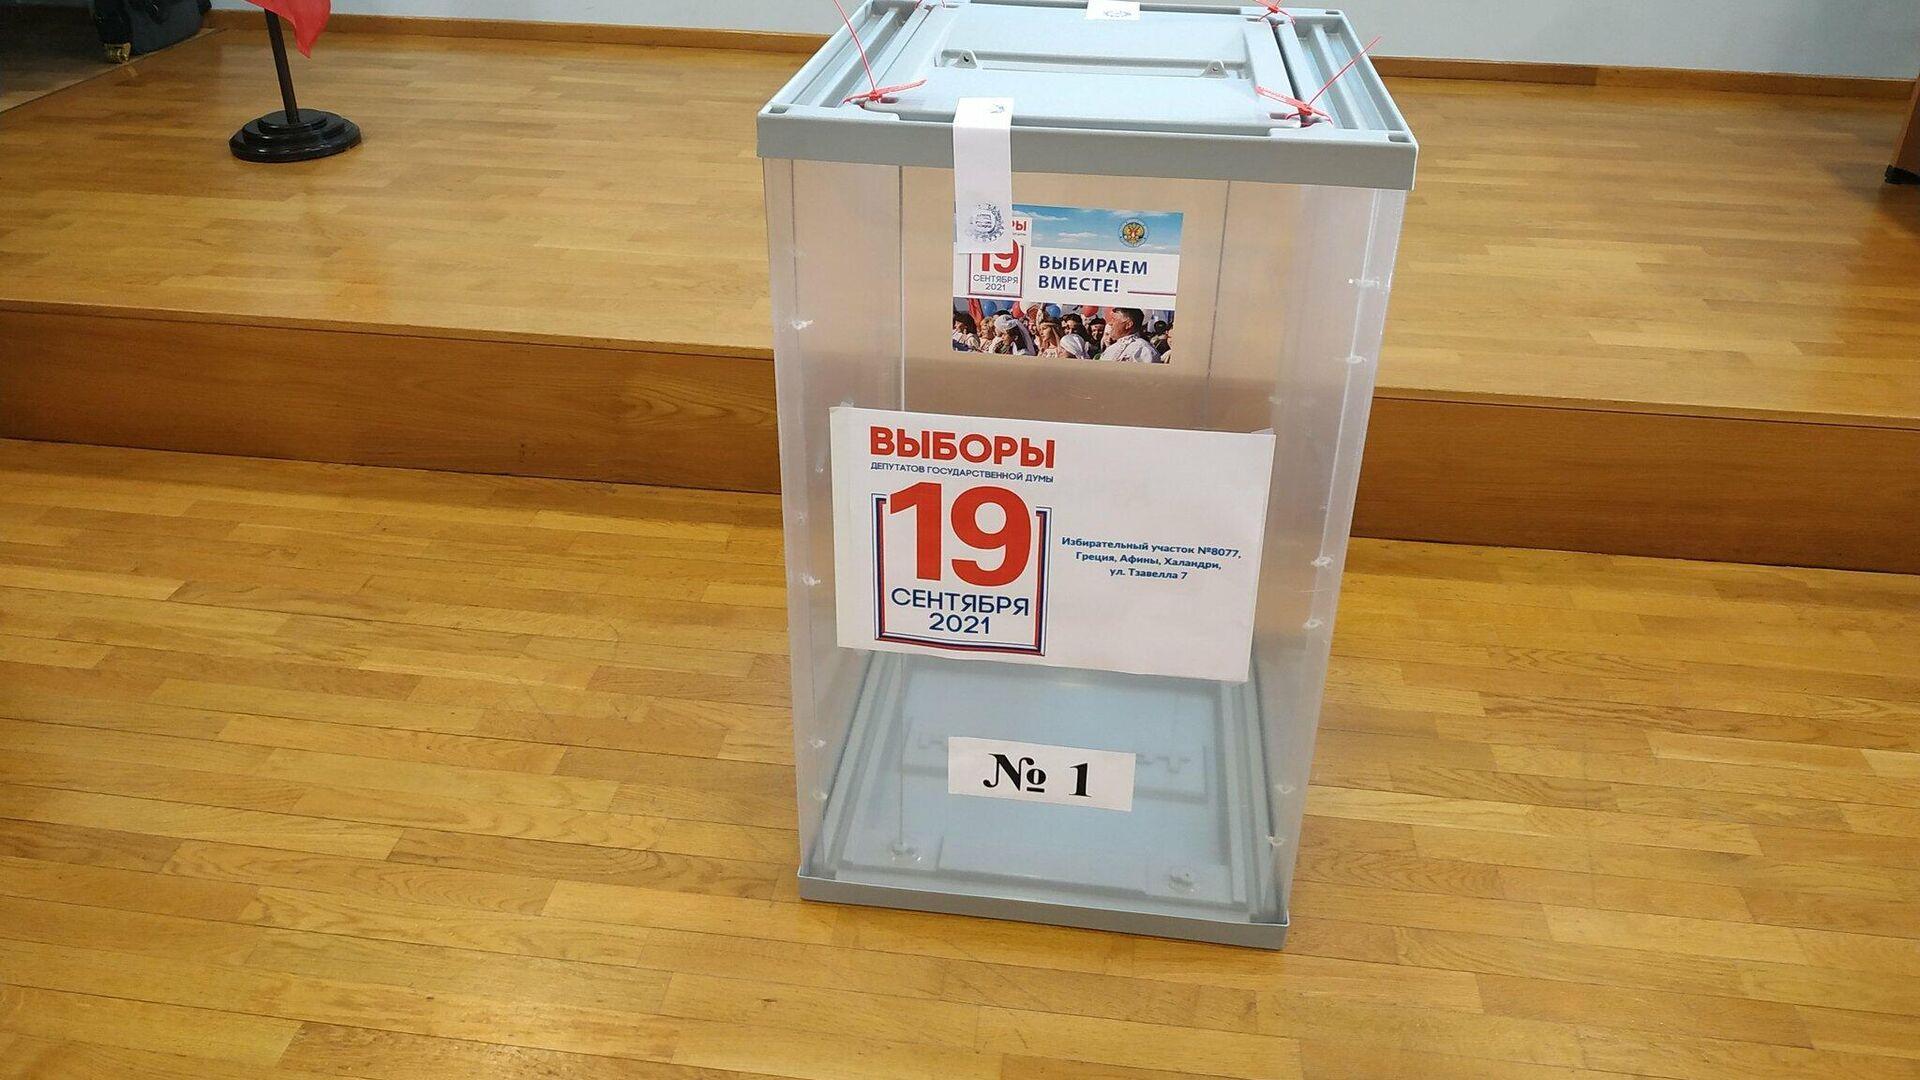 Βουλευτικές εκλογές στην Κρατική Δούμα: Δύο εκλογικά κέντρα στην Ελλάδα - Sputnik Ελλάδα, 1920, 21.09.2021